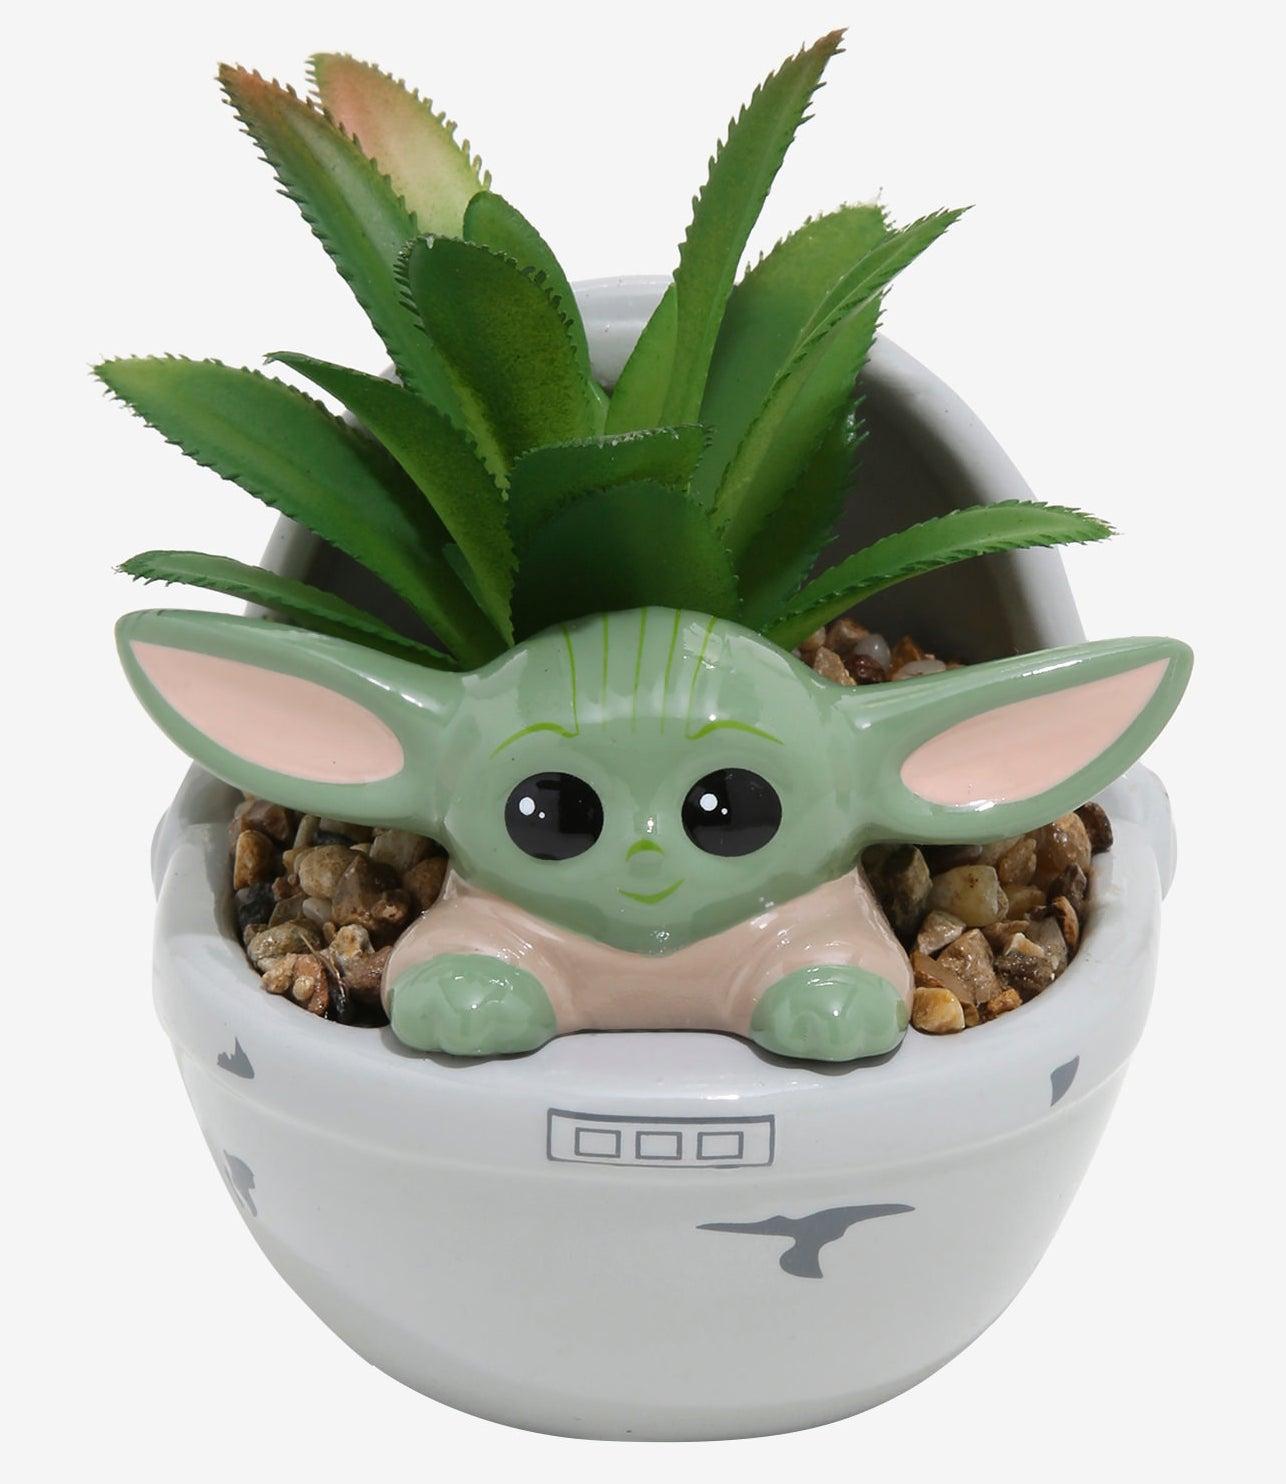 the Baby Yoda planter